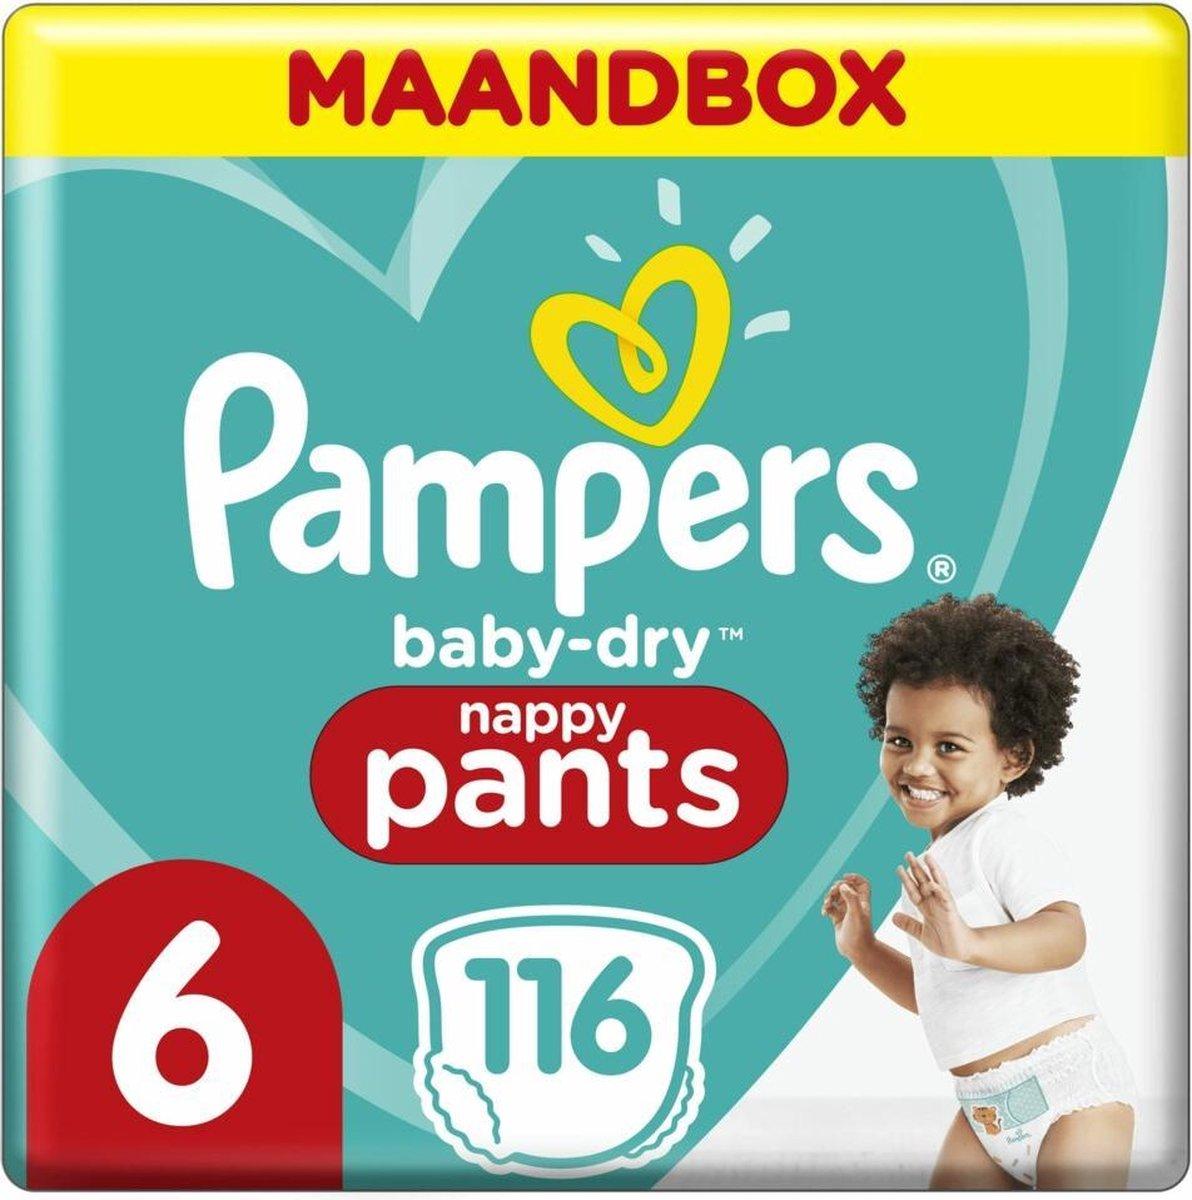 Pampers Baby-Dry Pants Luierbroekjes - Maat 6 (15+ kg) - 116 stuks - Maandbox